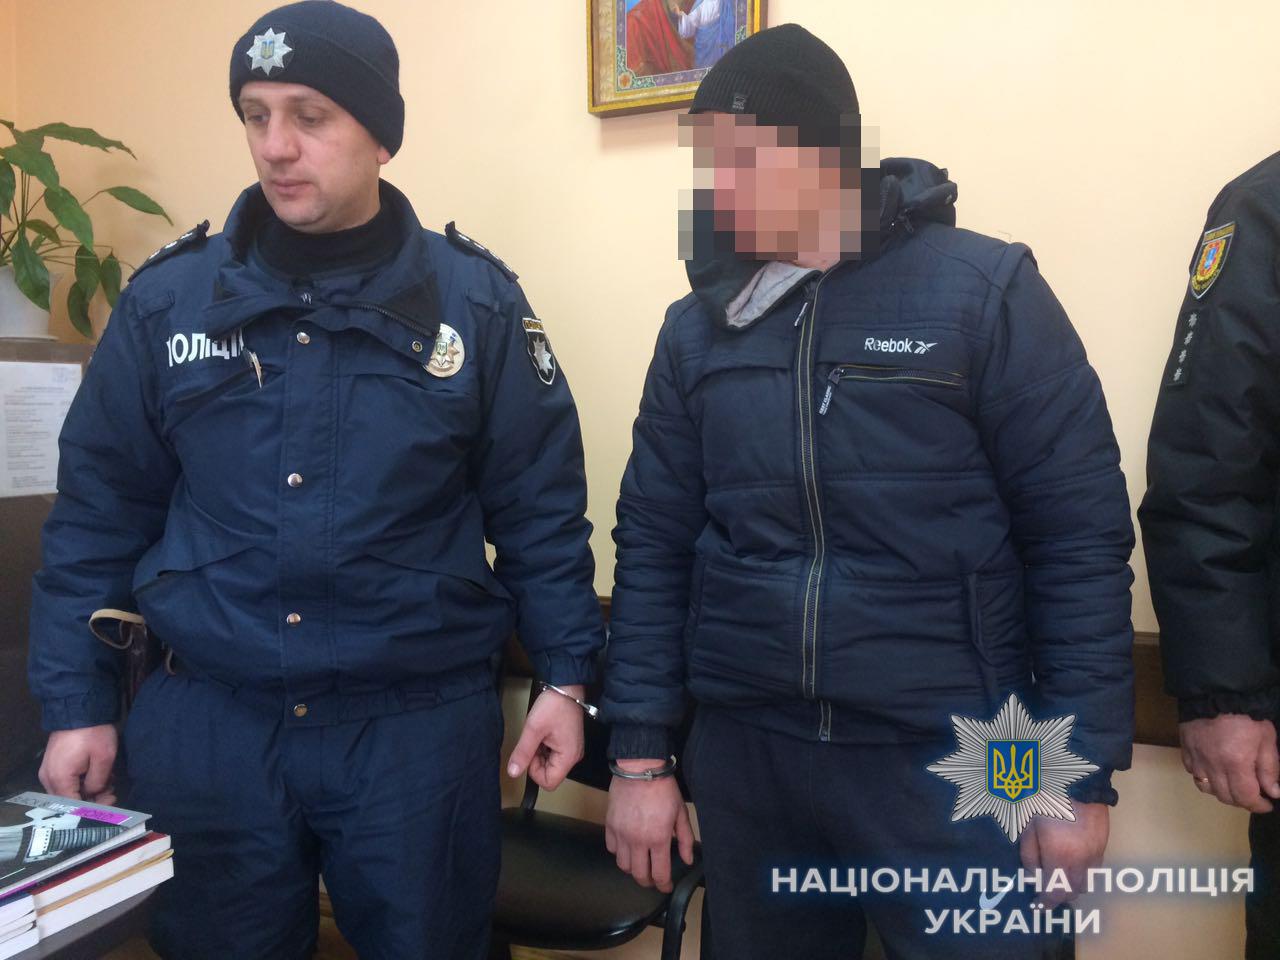 Изнасиловал и бросил замерзать в лесу: в Балтском районе нашли 11-летнюю девочку, пропавшую вчера вечером